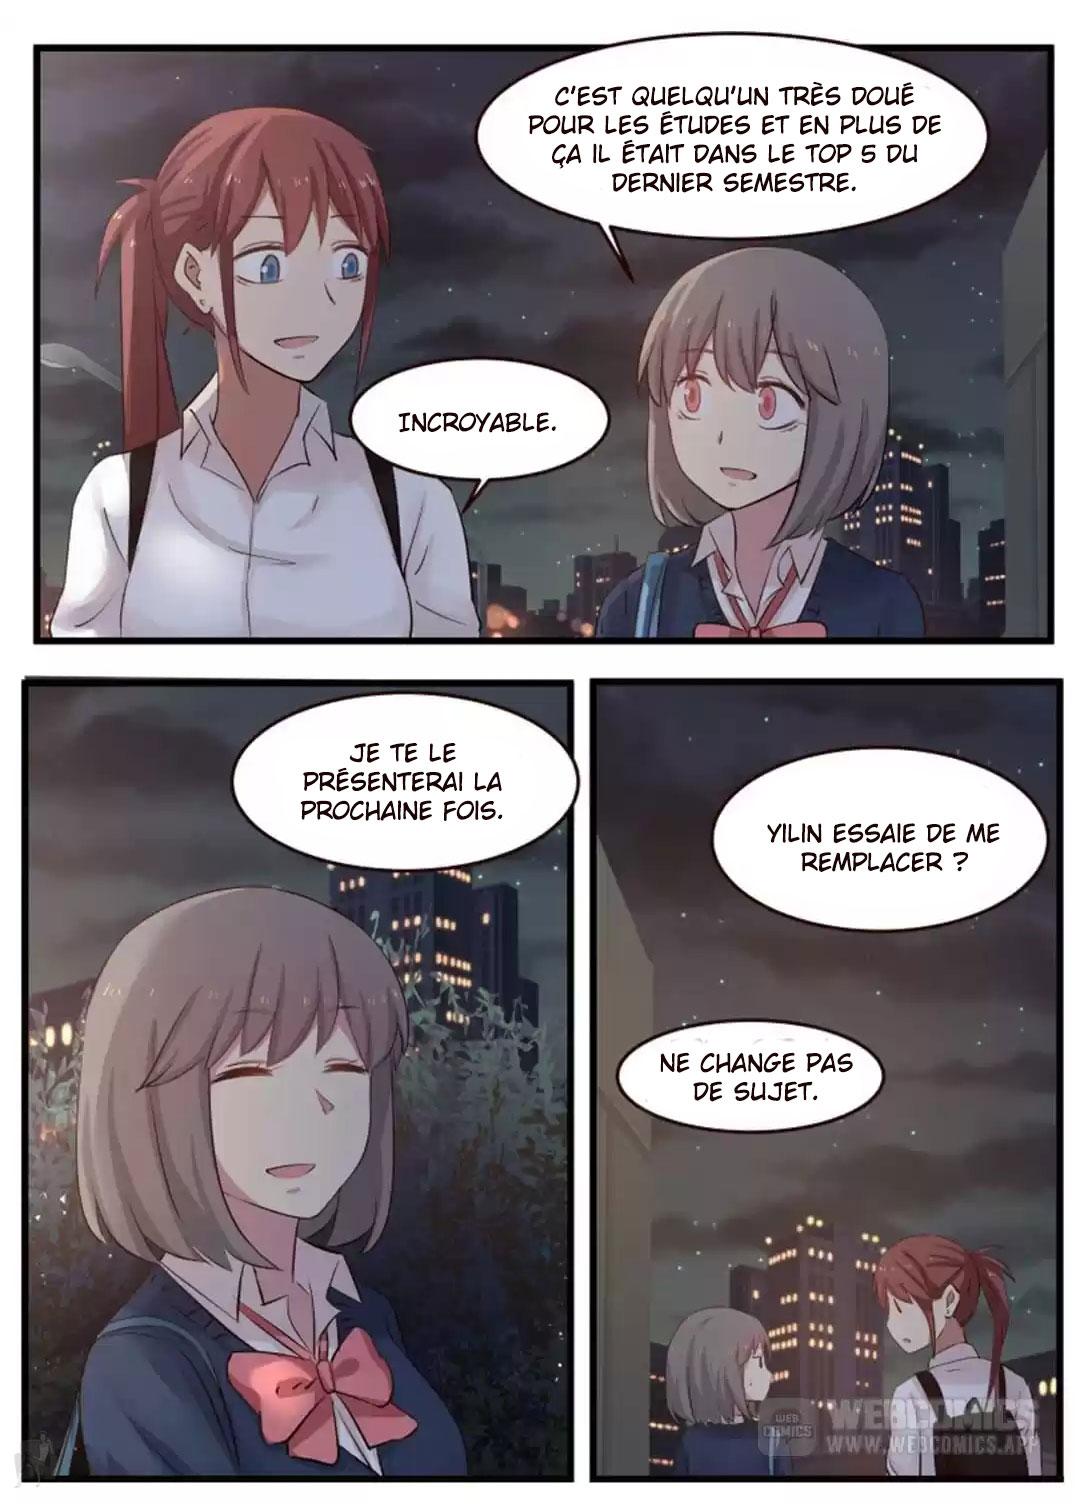 Lily saison 1 182 01